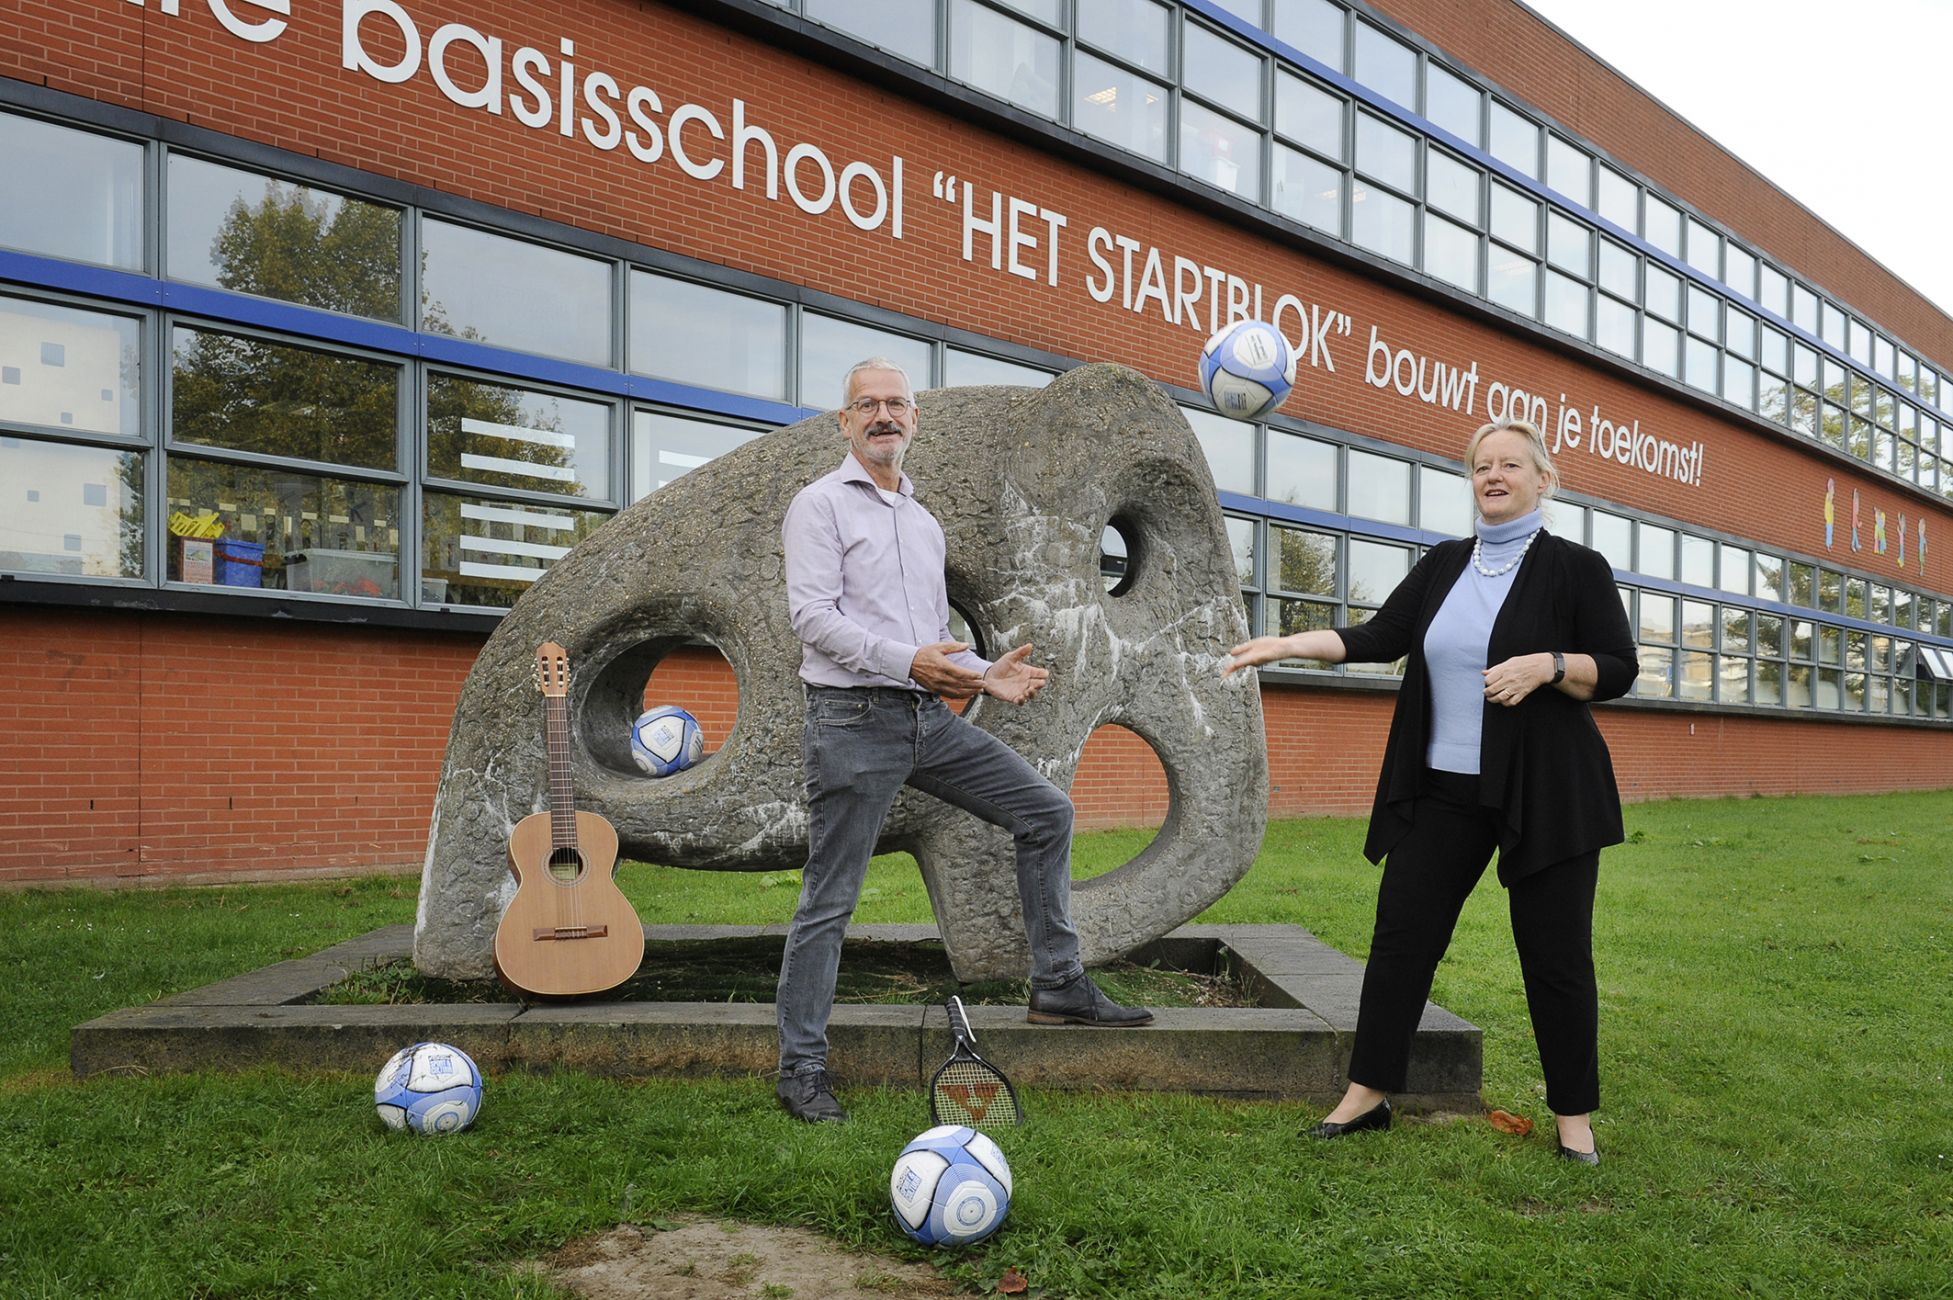 Scholen Schiedam geven bekendheid aan Jeugdfonds